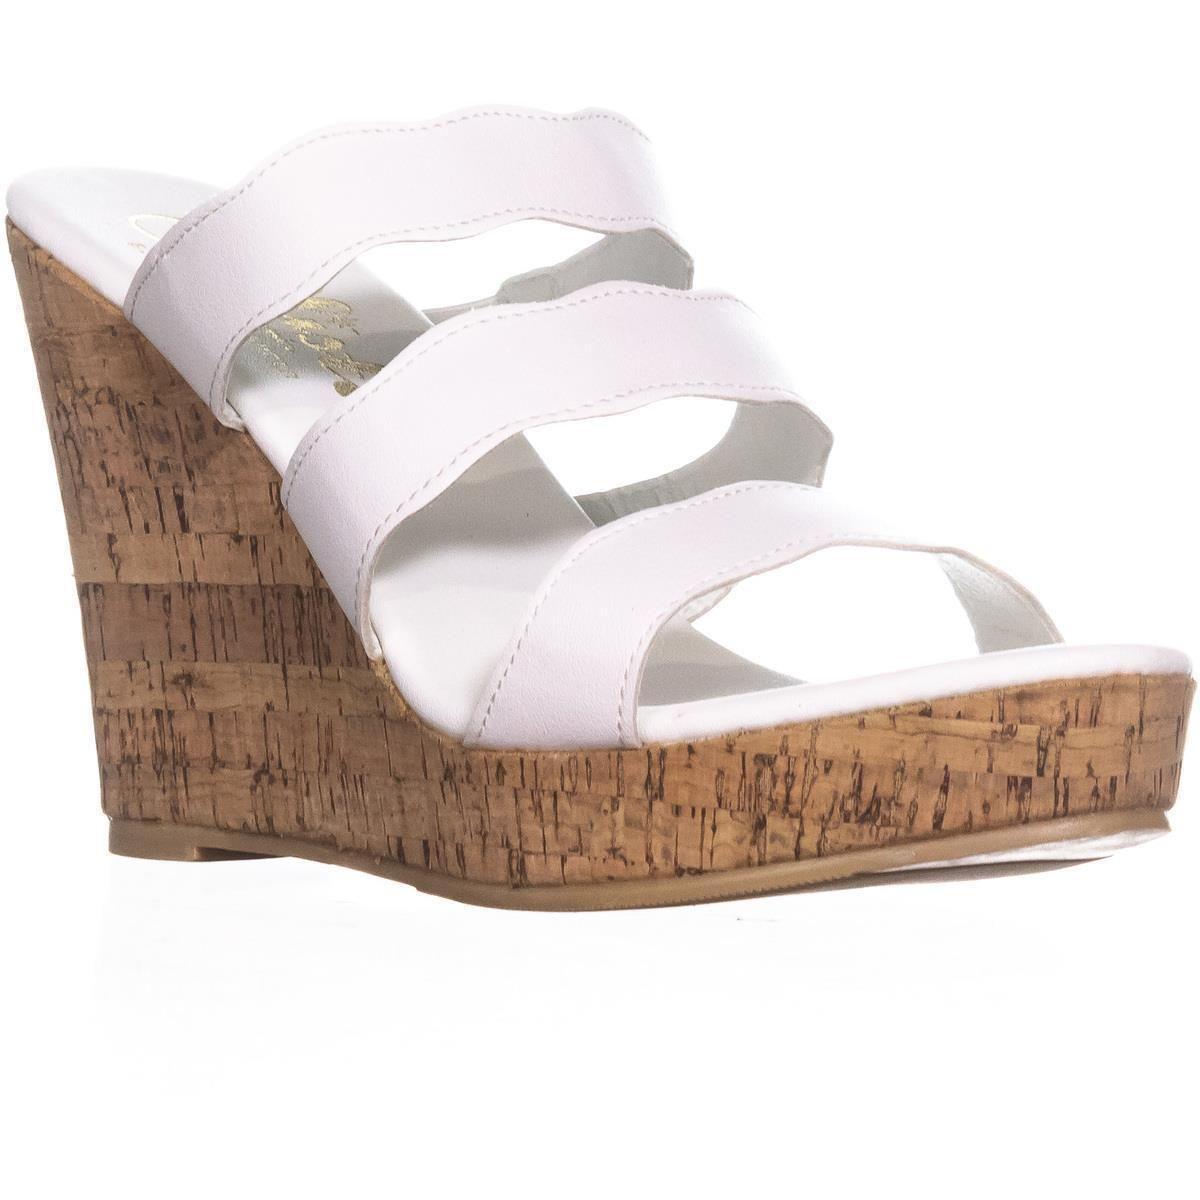 276075e48c99 Lyst - Callisto Flure Triple Strap Wedge Sandals in White - Save 60%